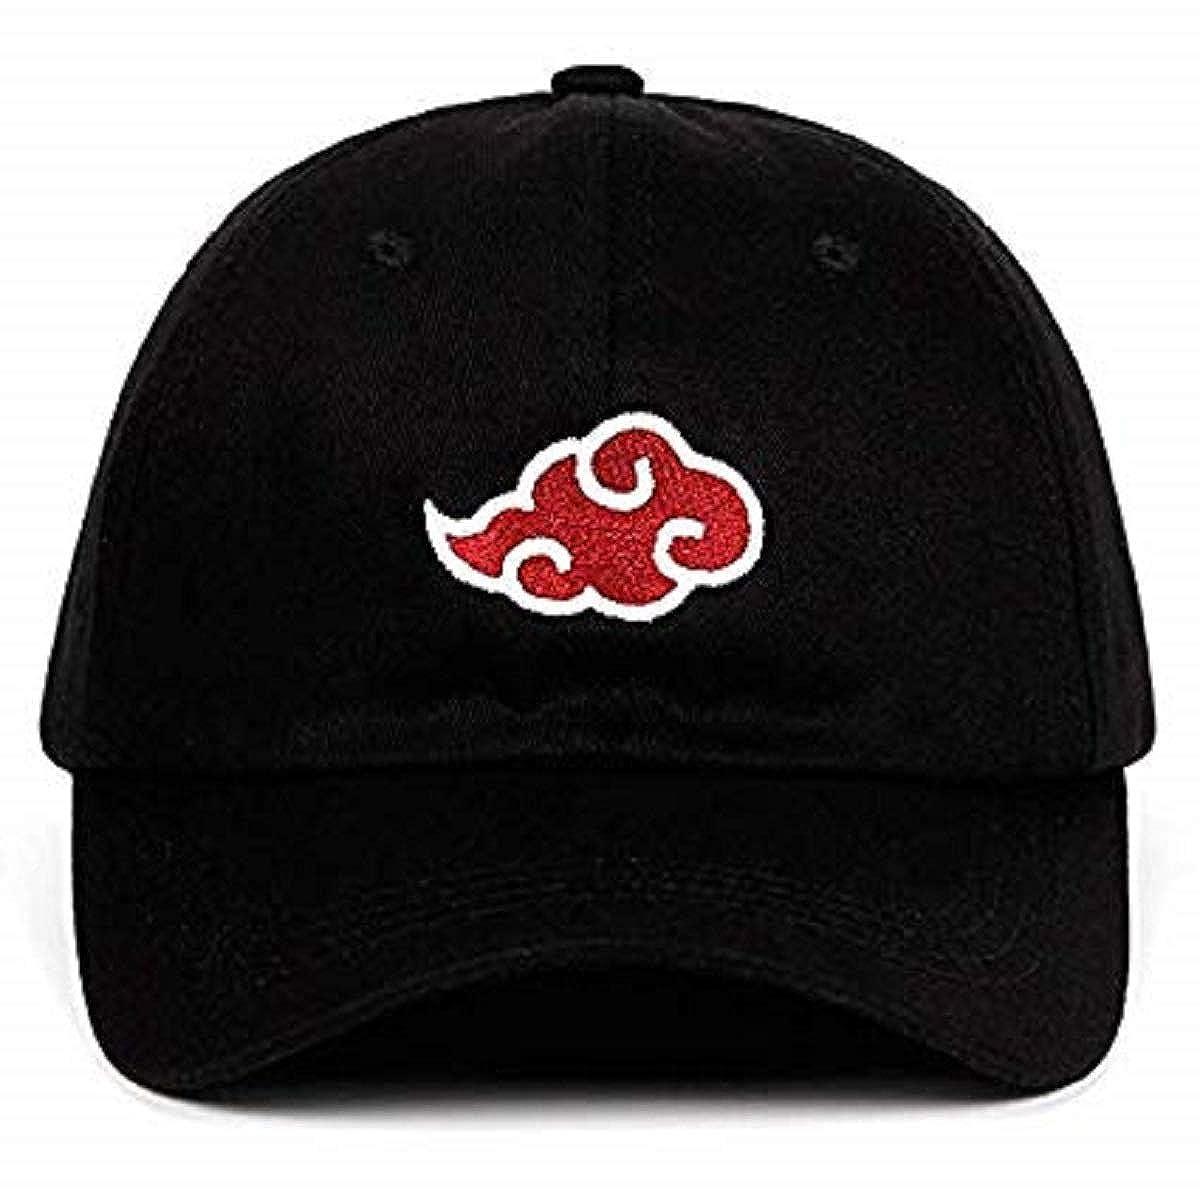 e570eac65eb73 Amazon.com  Naruto Dad Hat Uchiha Family Logo Embroidery Baseball Caps  Black Snapback Hats Black-1pc-Small Family (Black